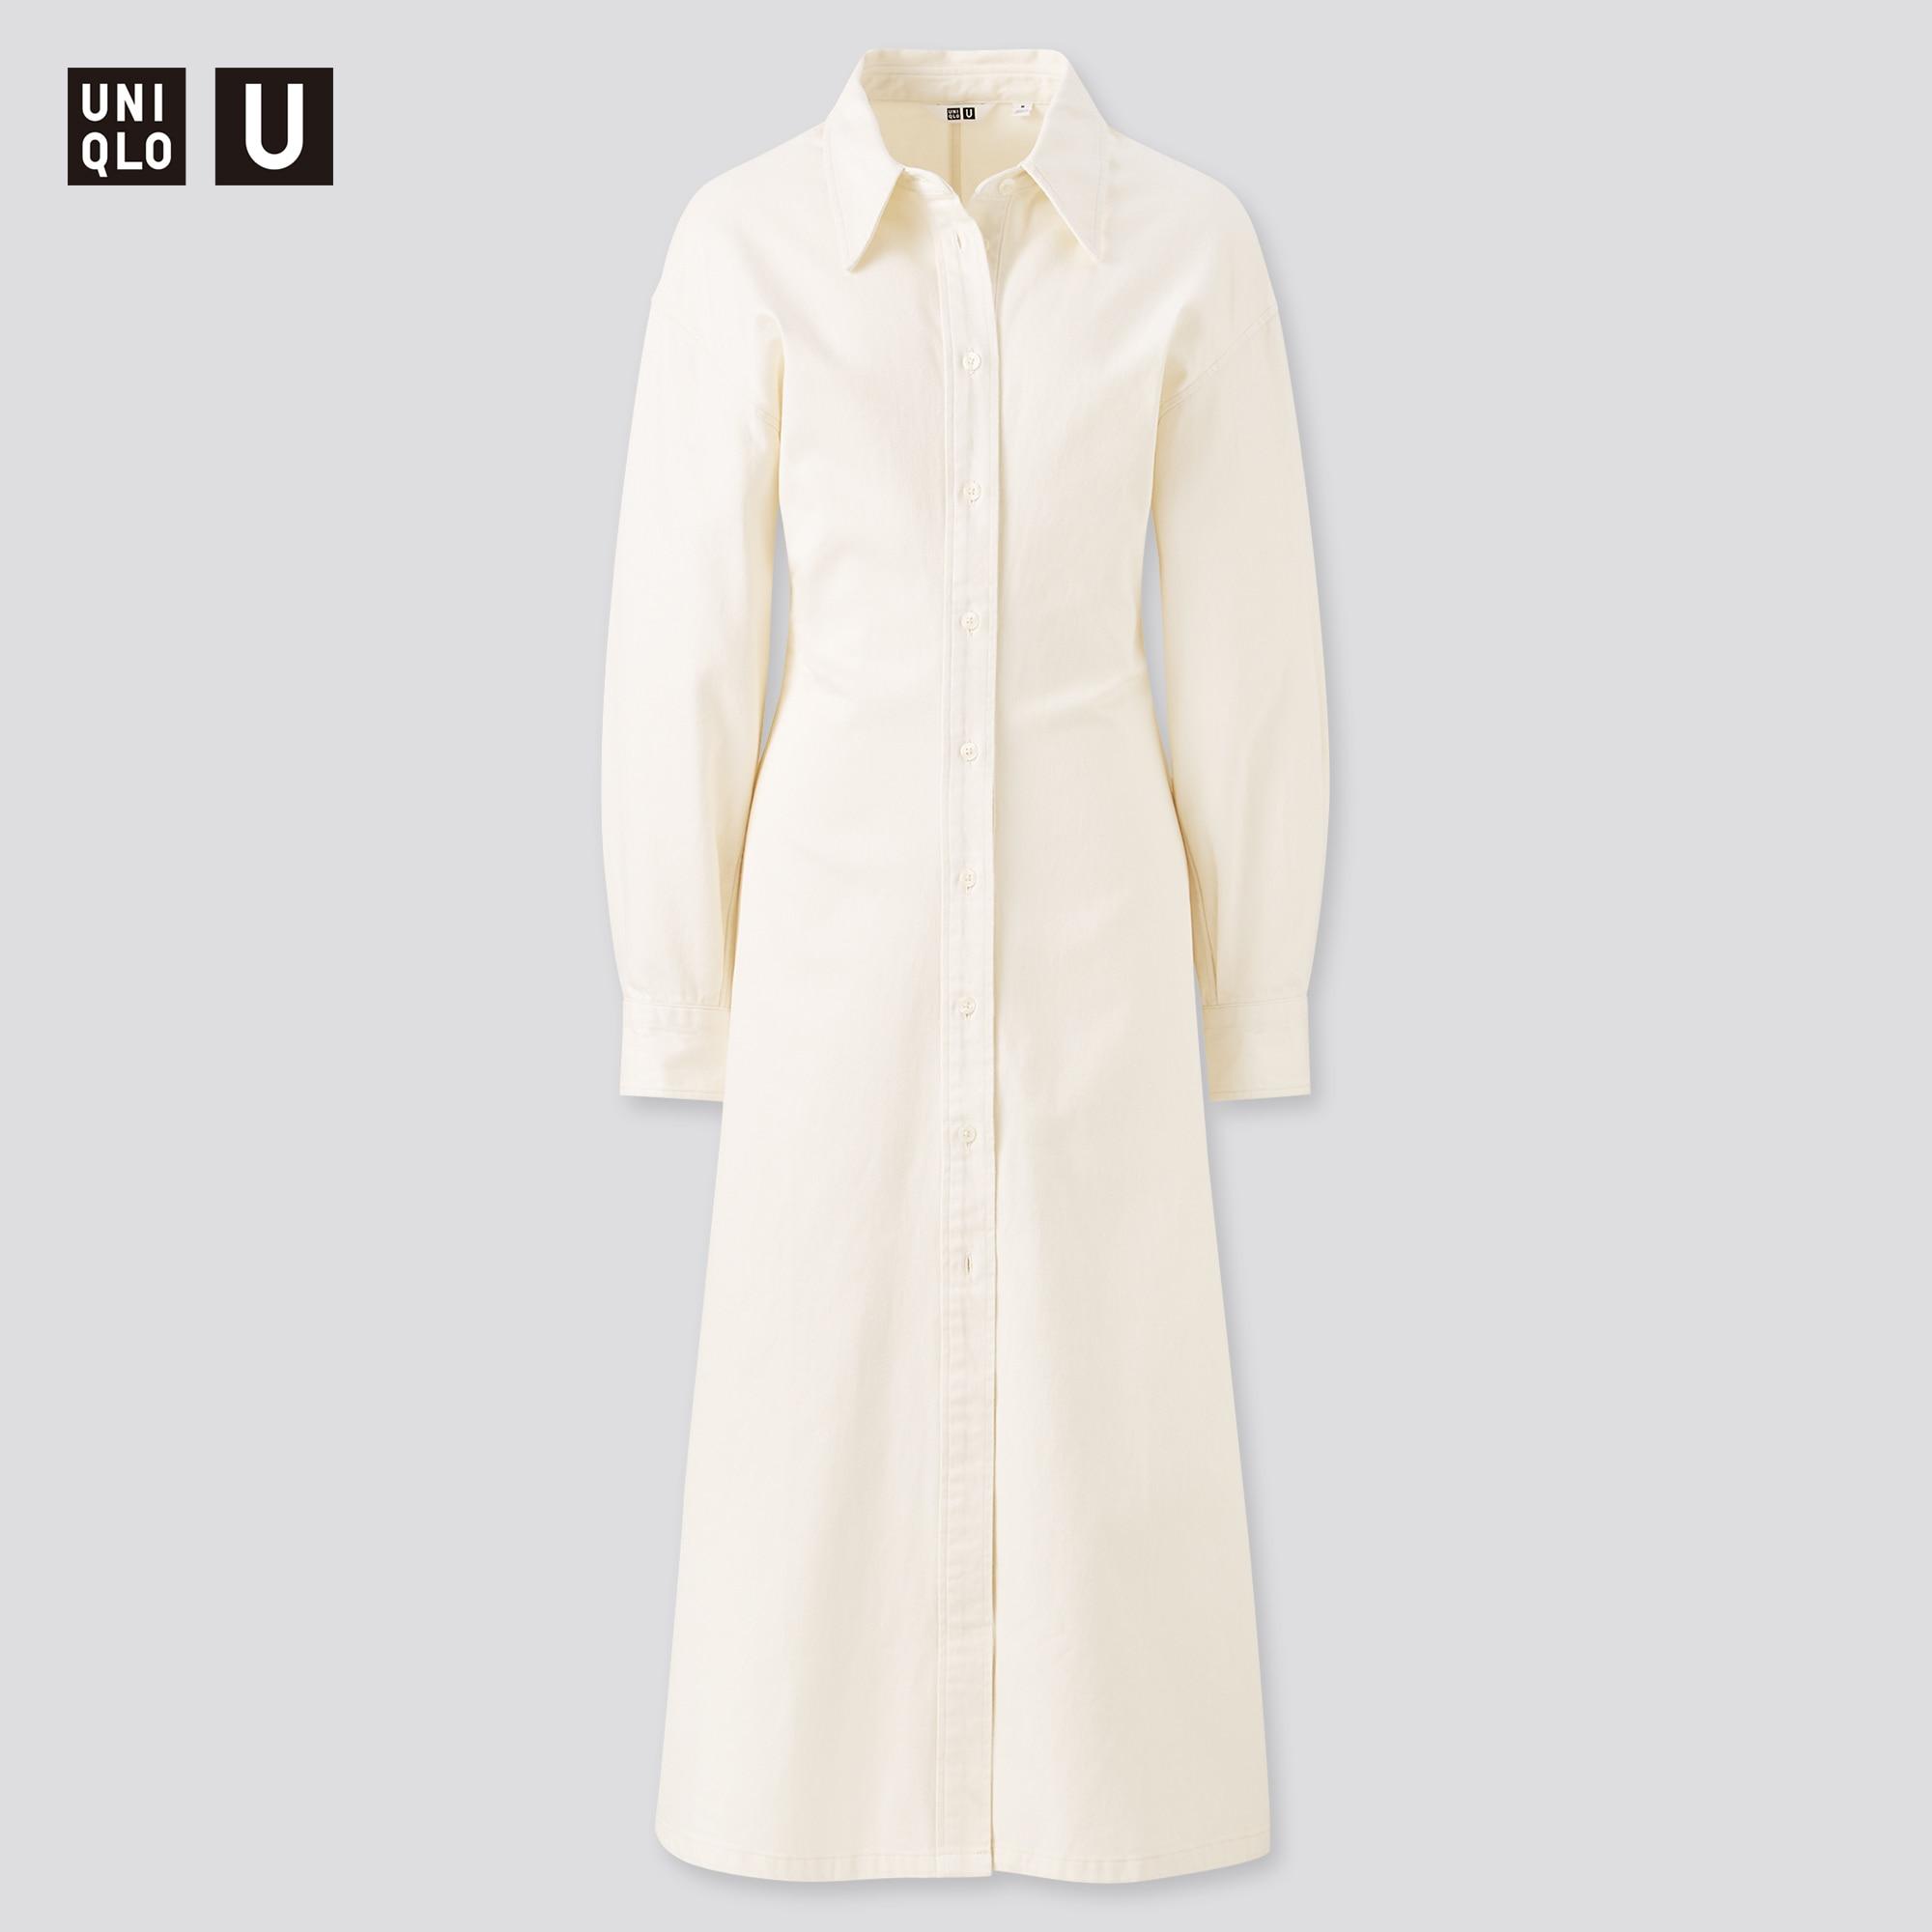 WOMEN U LONG-SLEEVE LONG SHIRT DRESS